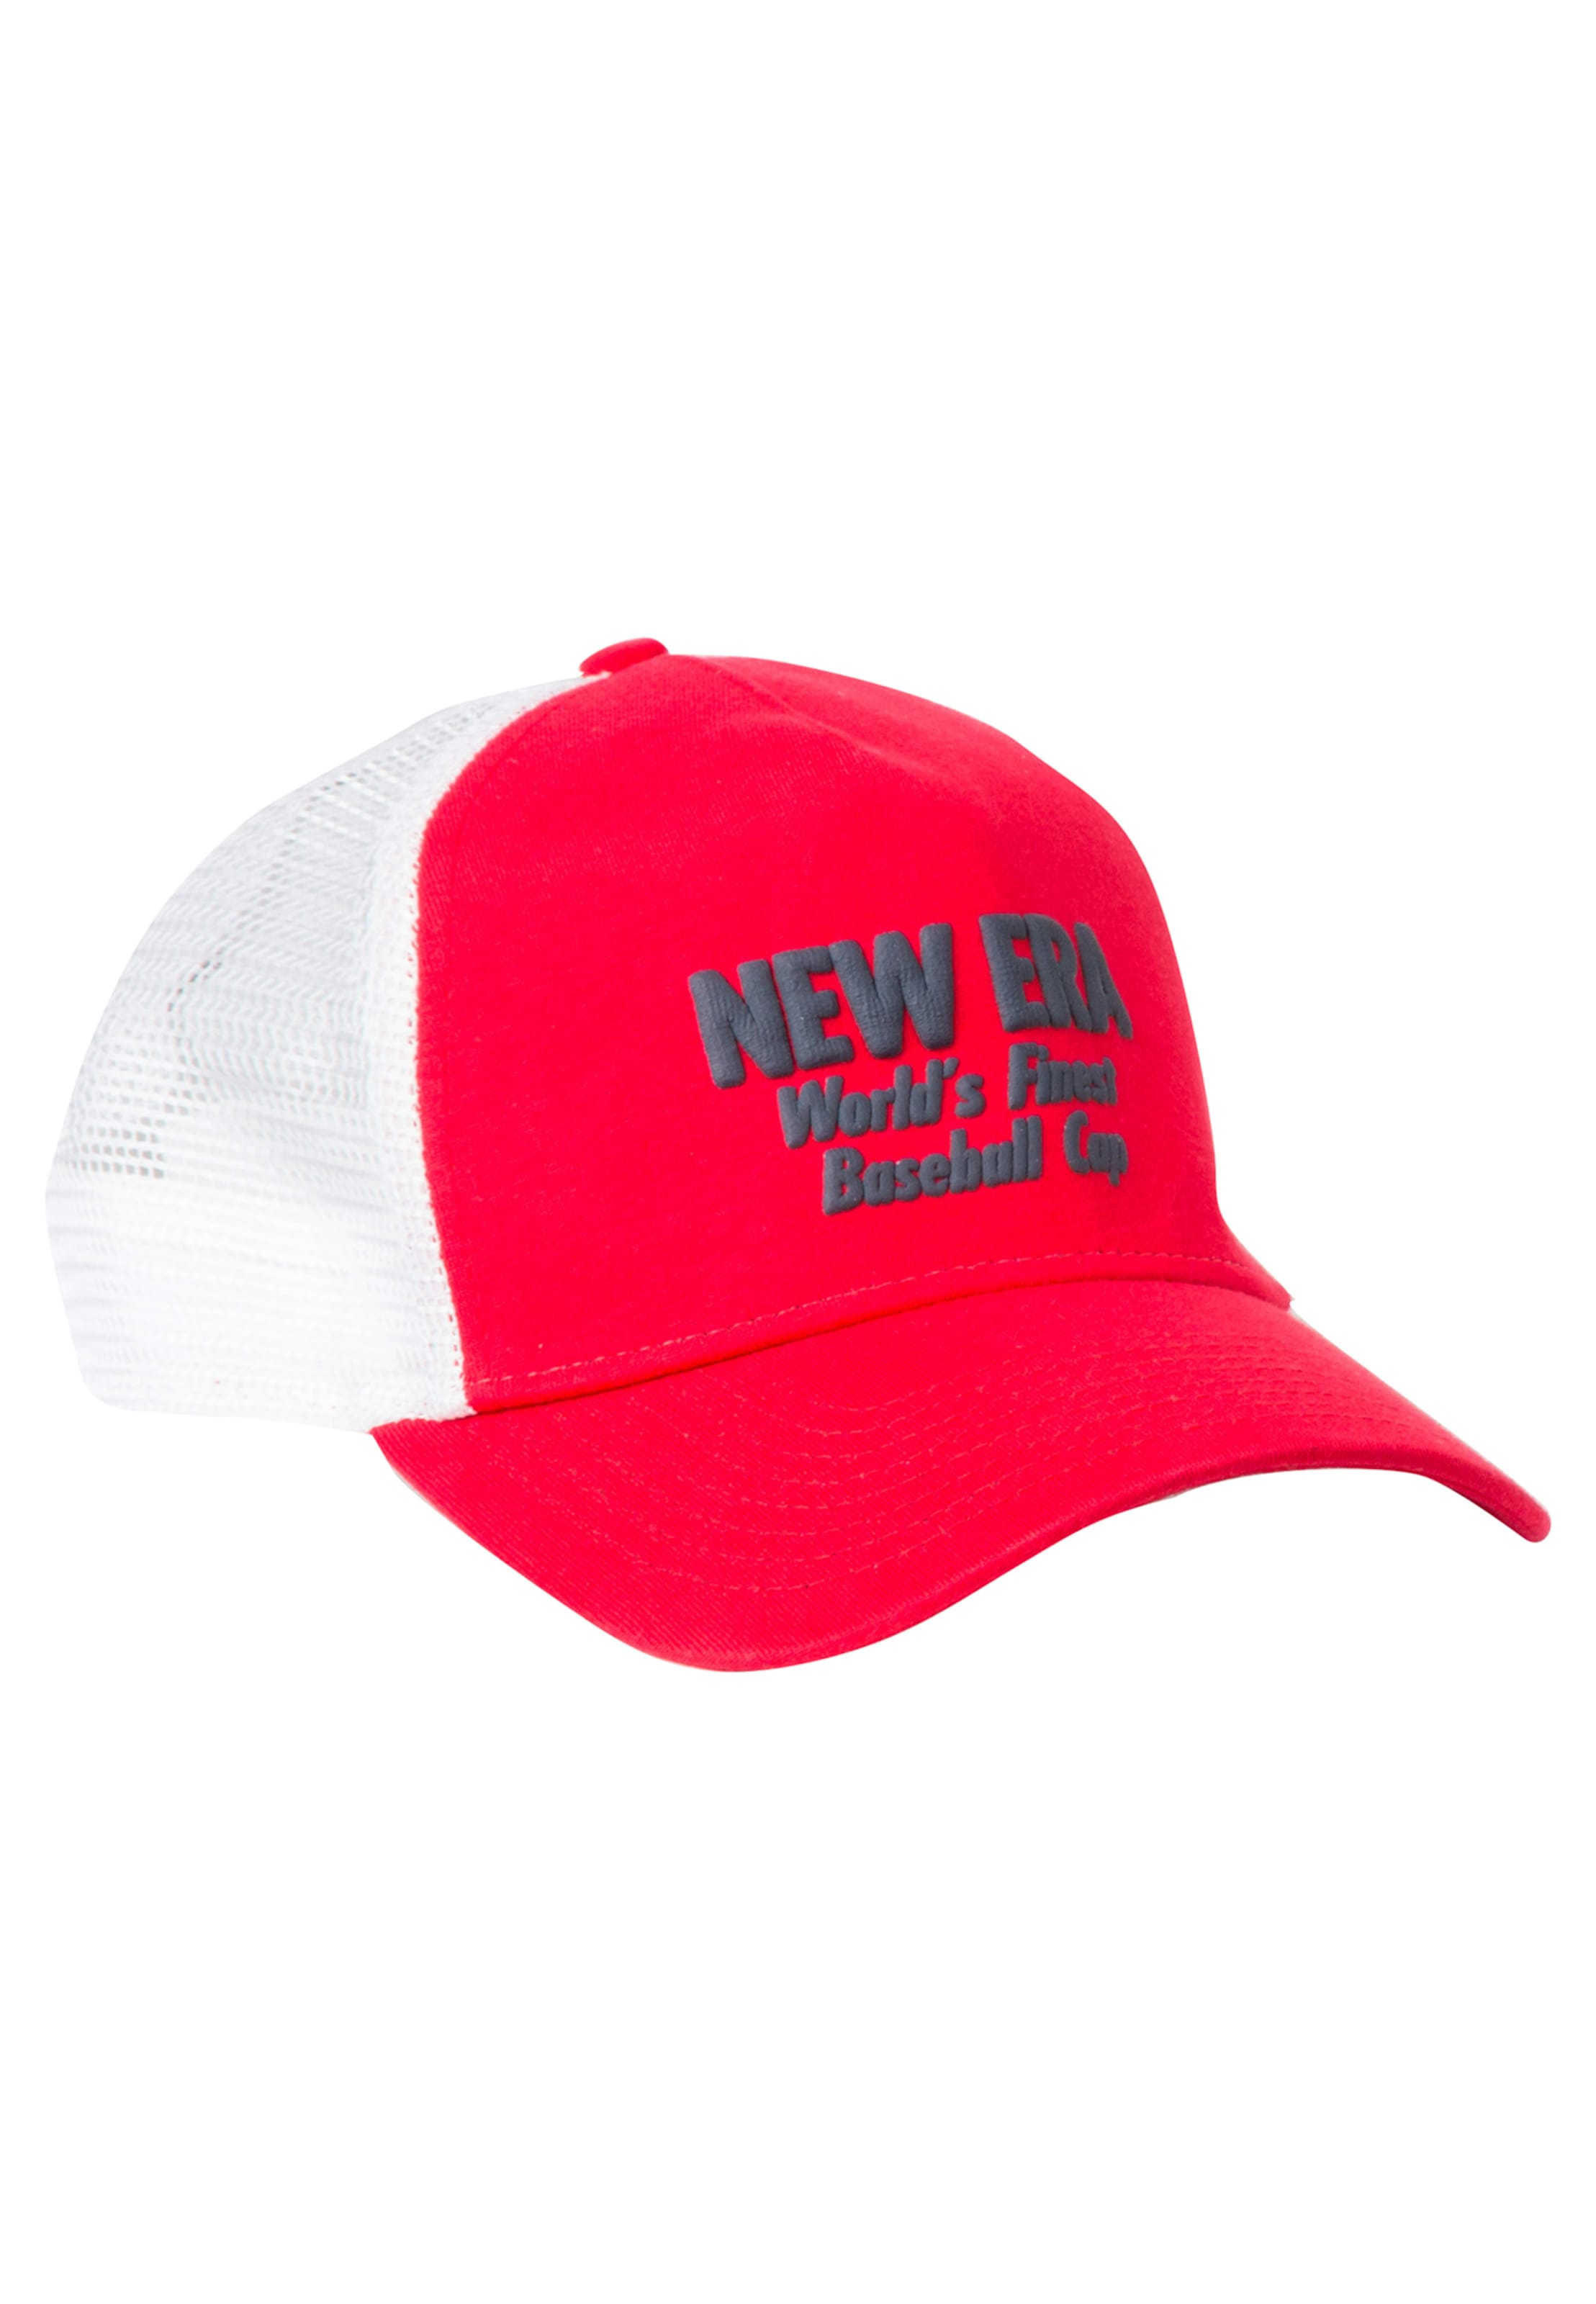 Cap In Era New RotWeiß Era RotWeiß In New Cap In Era Cap New vPNy0Onwm8